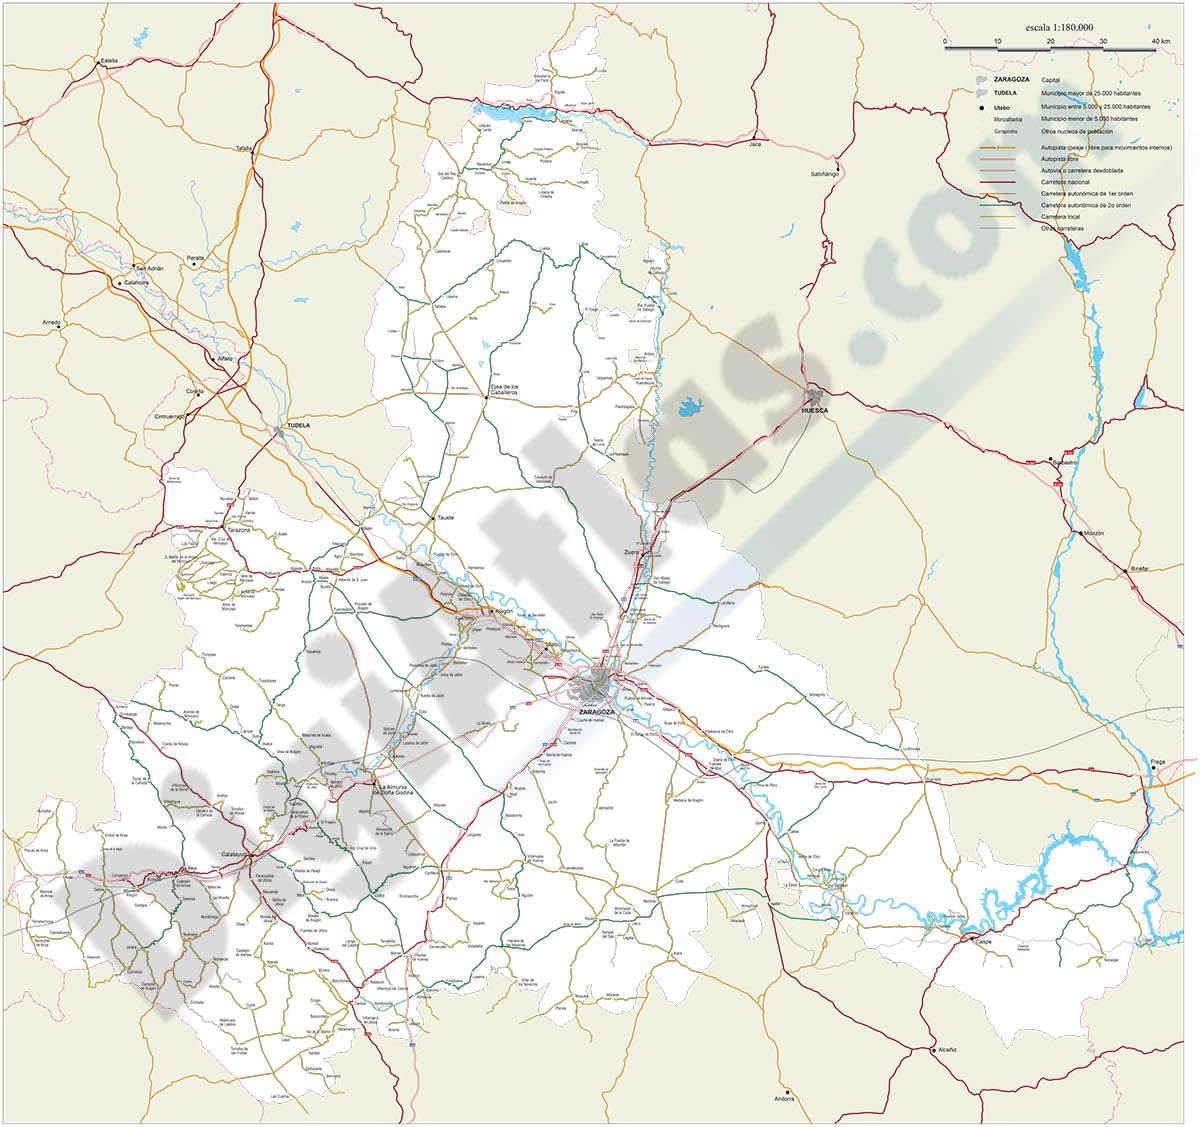 Mapa de la provincia de Zaragoza